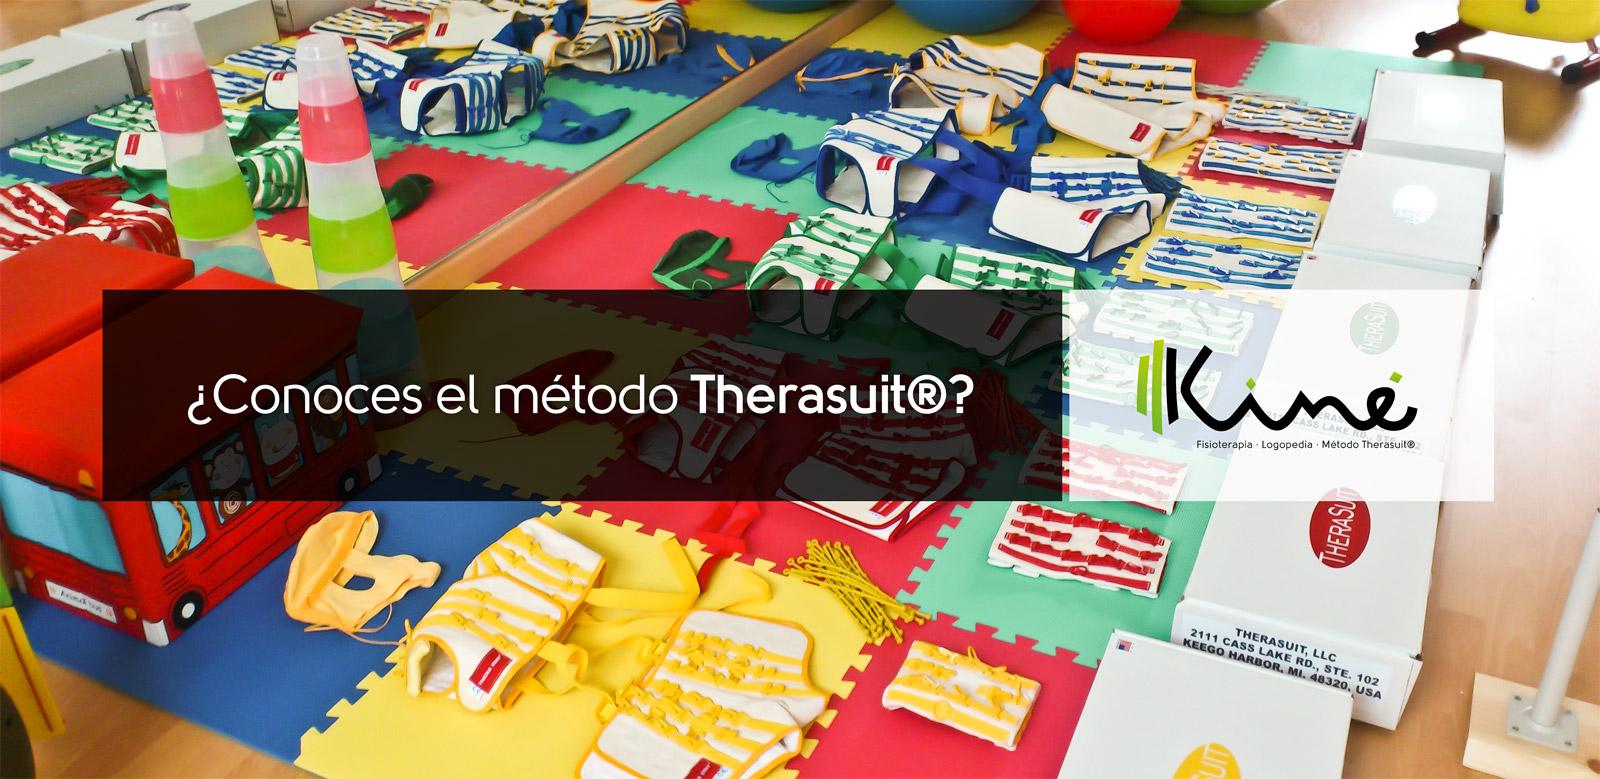 therasuit-slider2-kine-rehabilitacion1